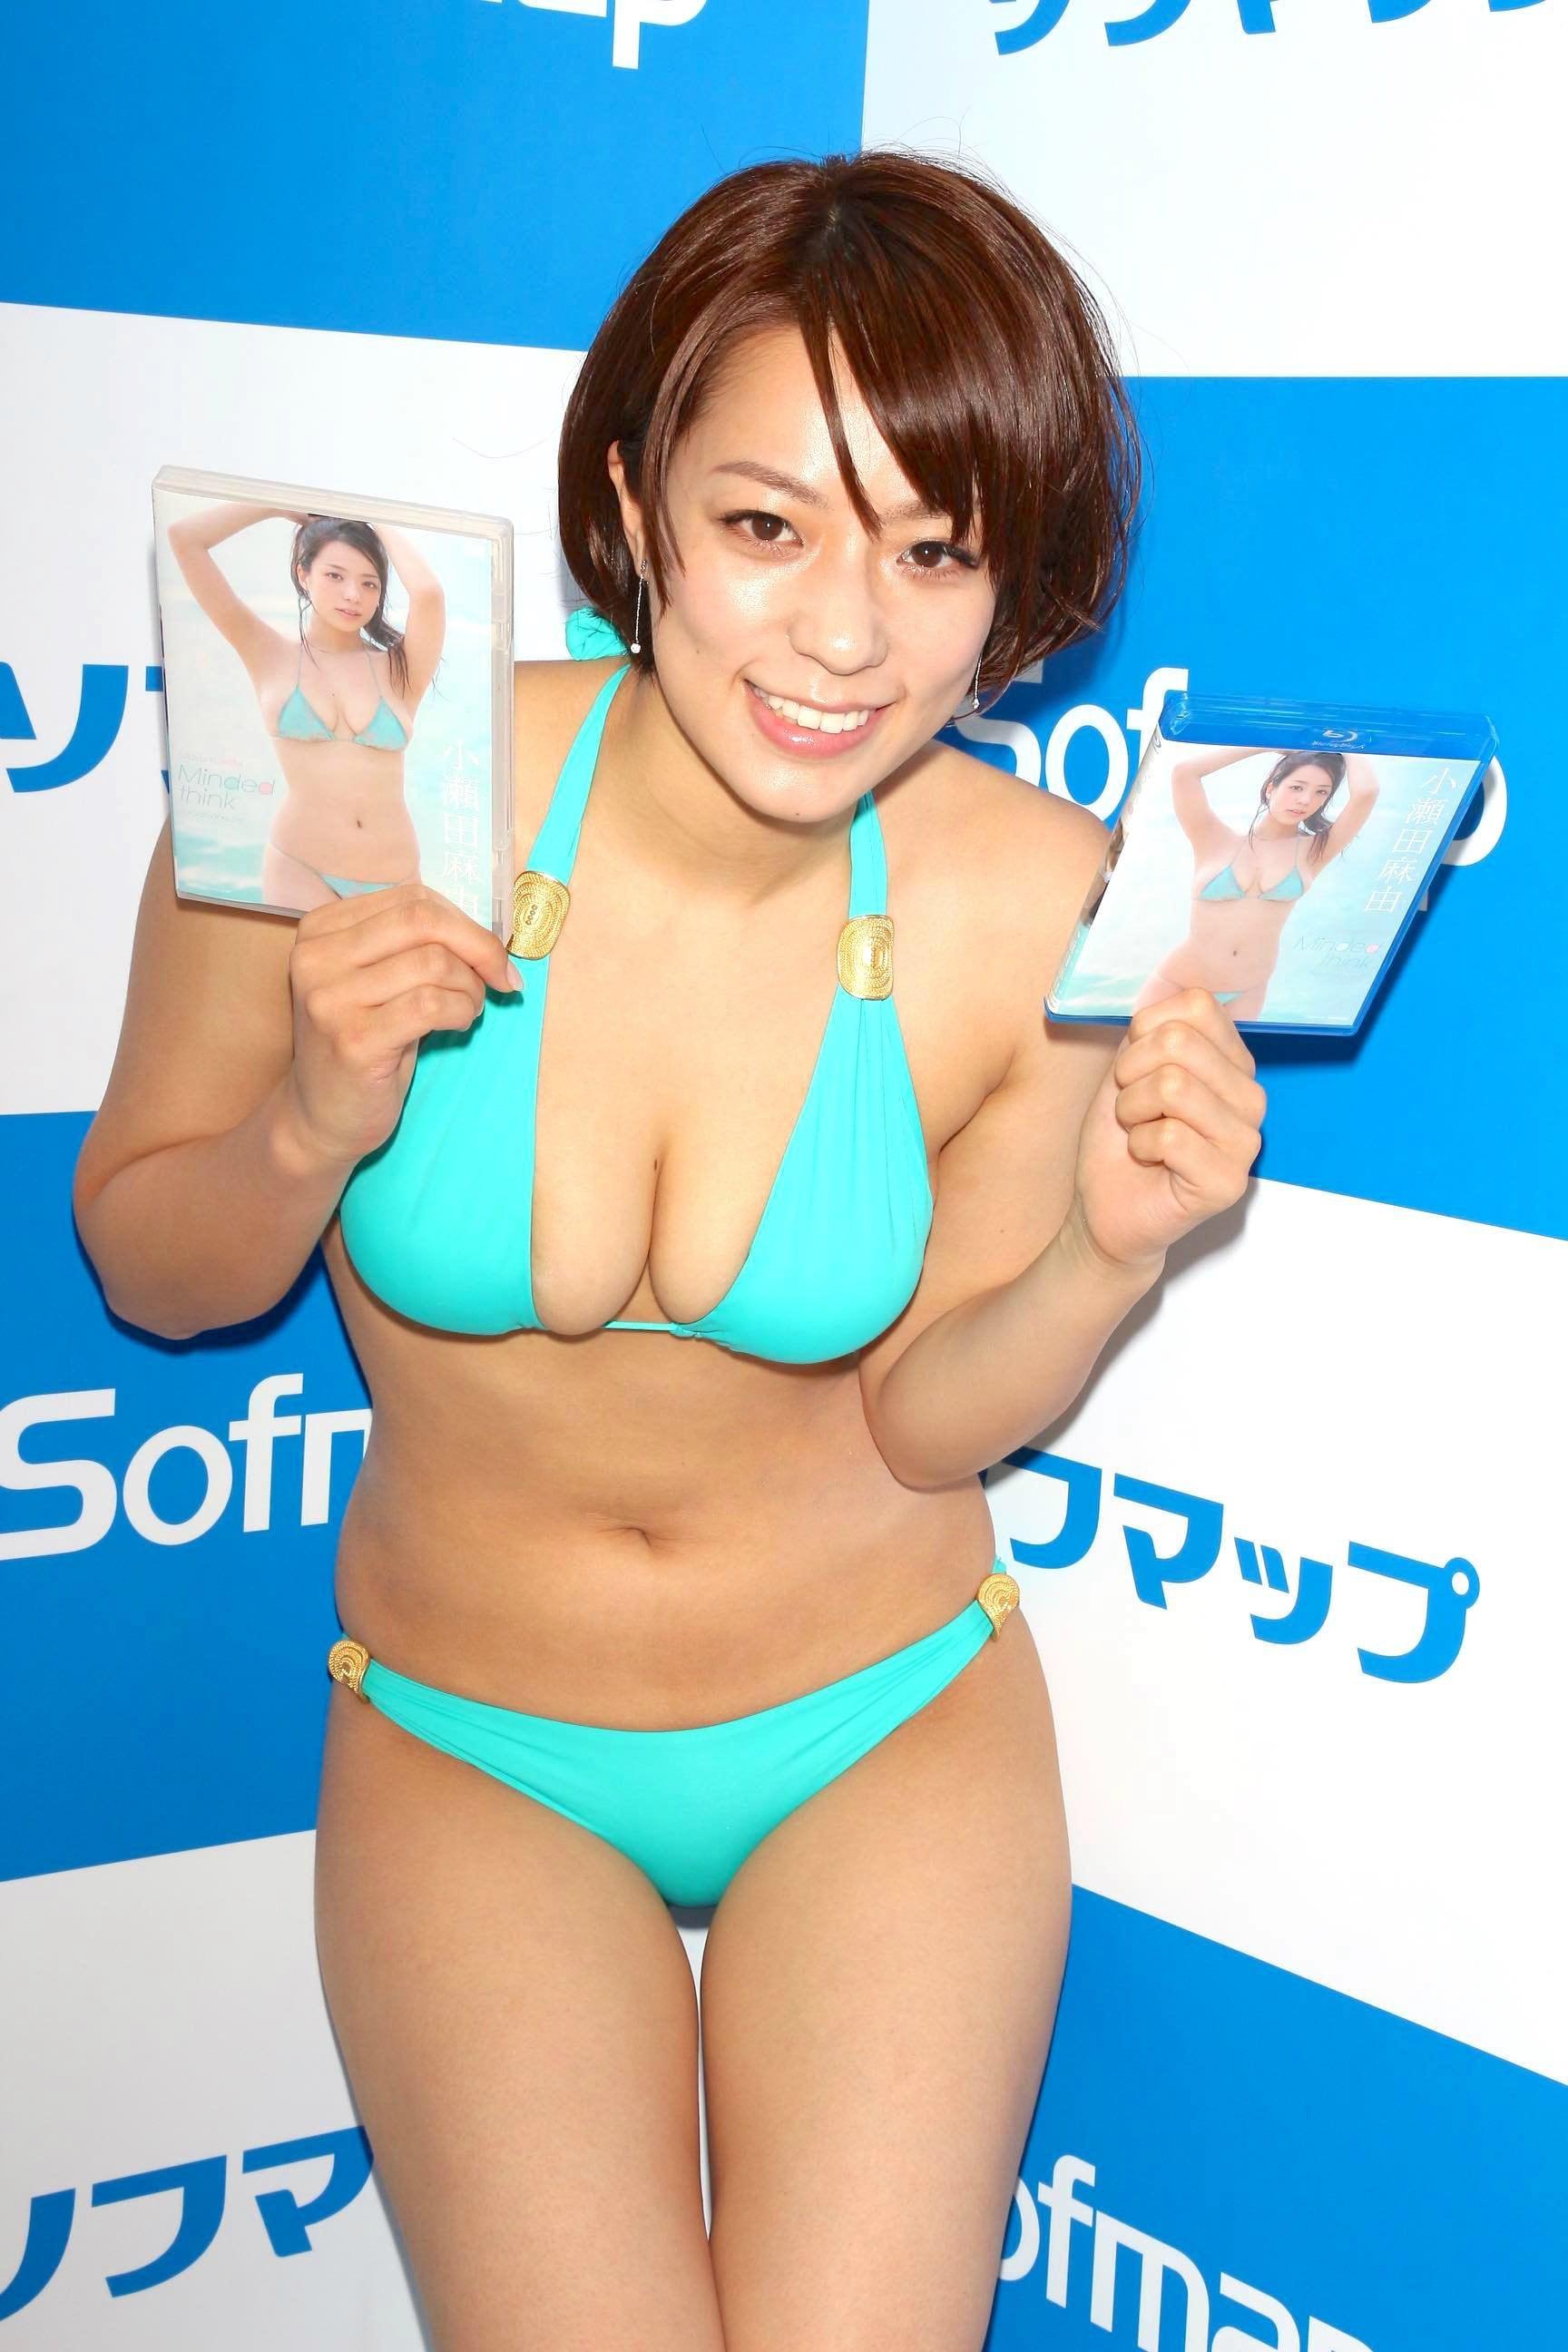 小瀬田麻由「ハァハァしちゃった」テラハ美女がビキニで悶絶!【写真22枚】の画像021